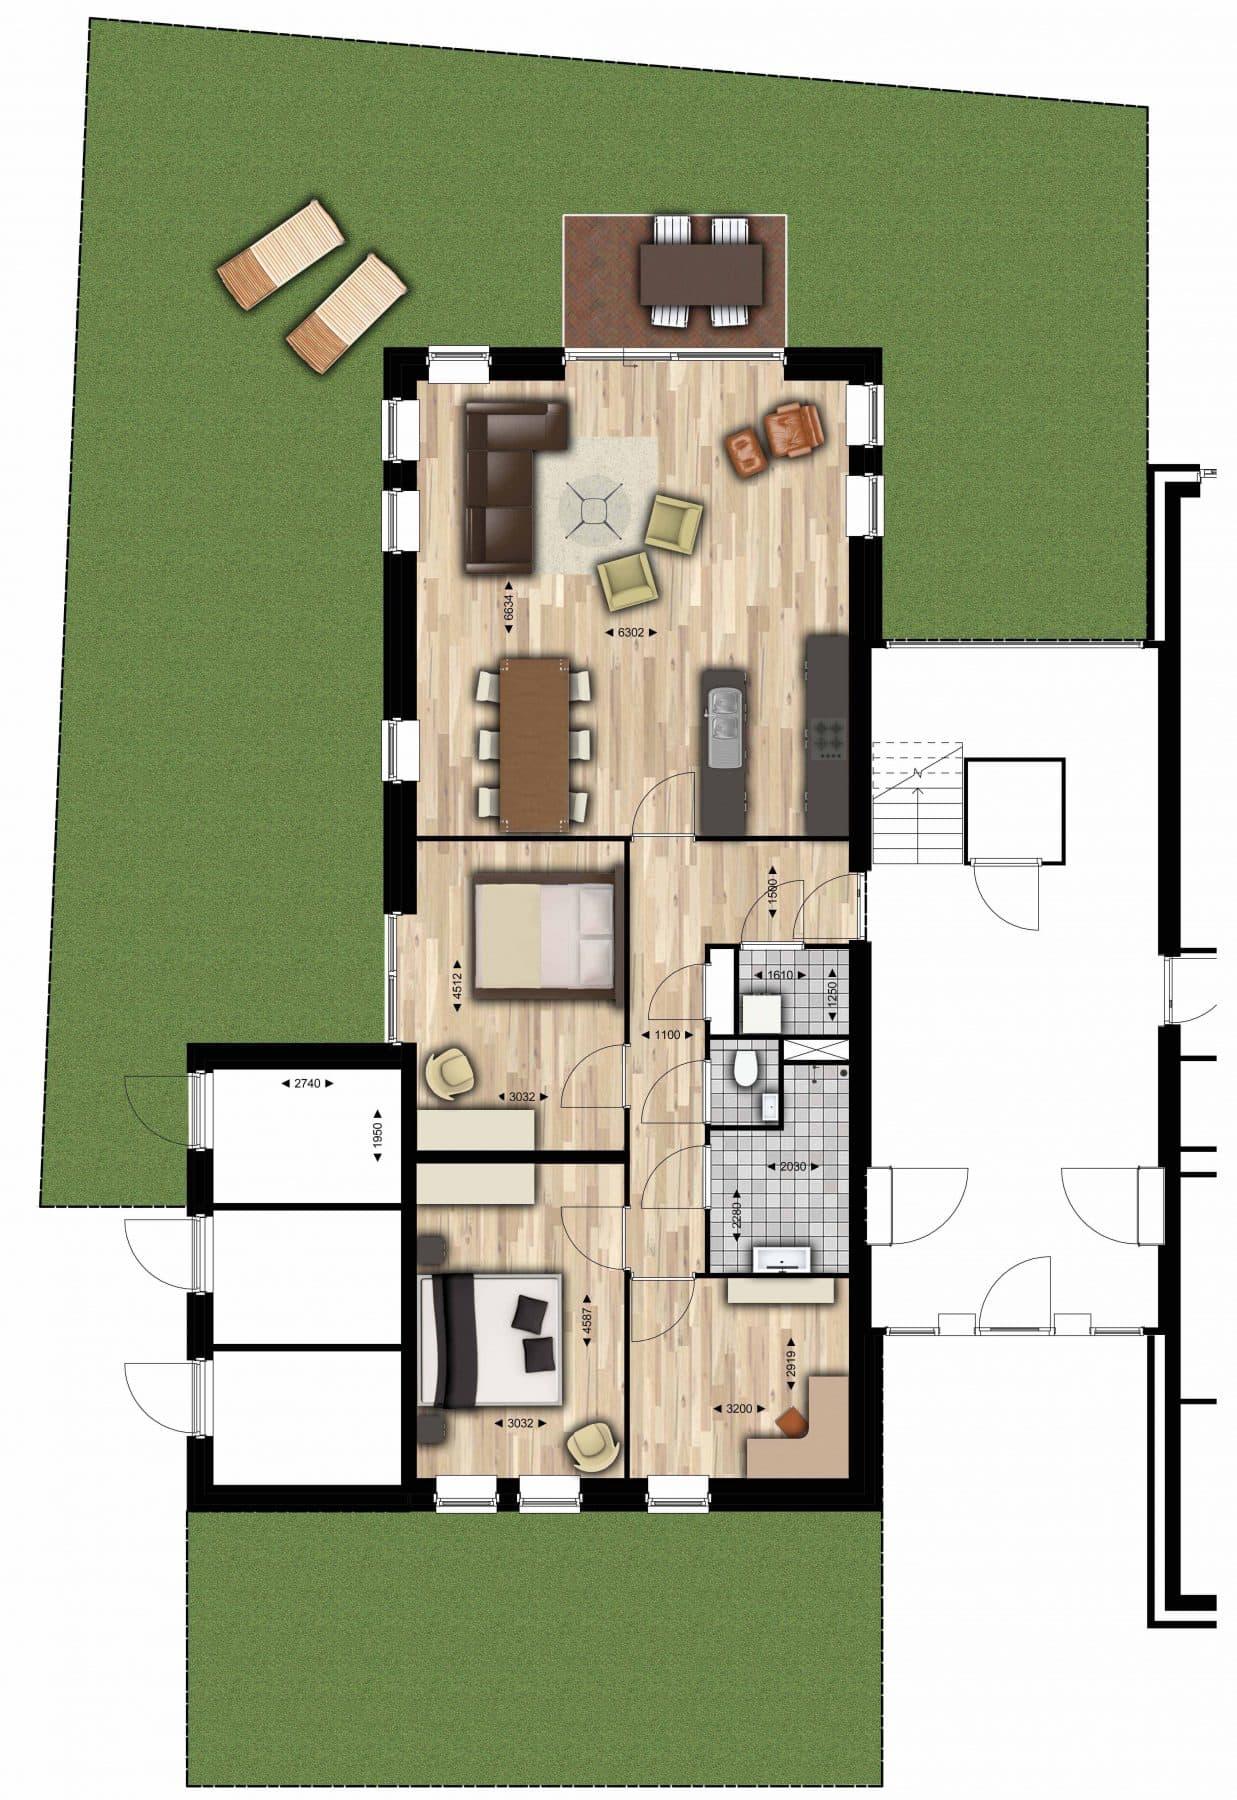 verkoopplattegrond-pact3d-nieuwbouw